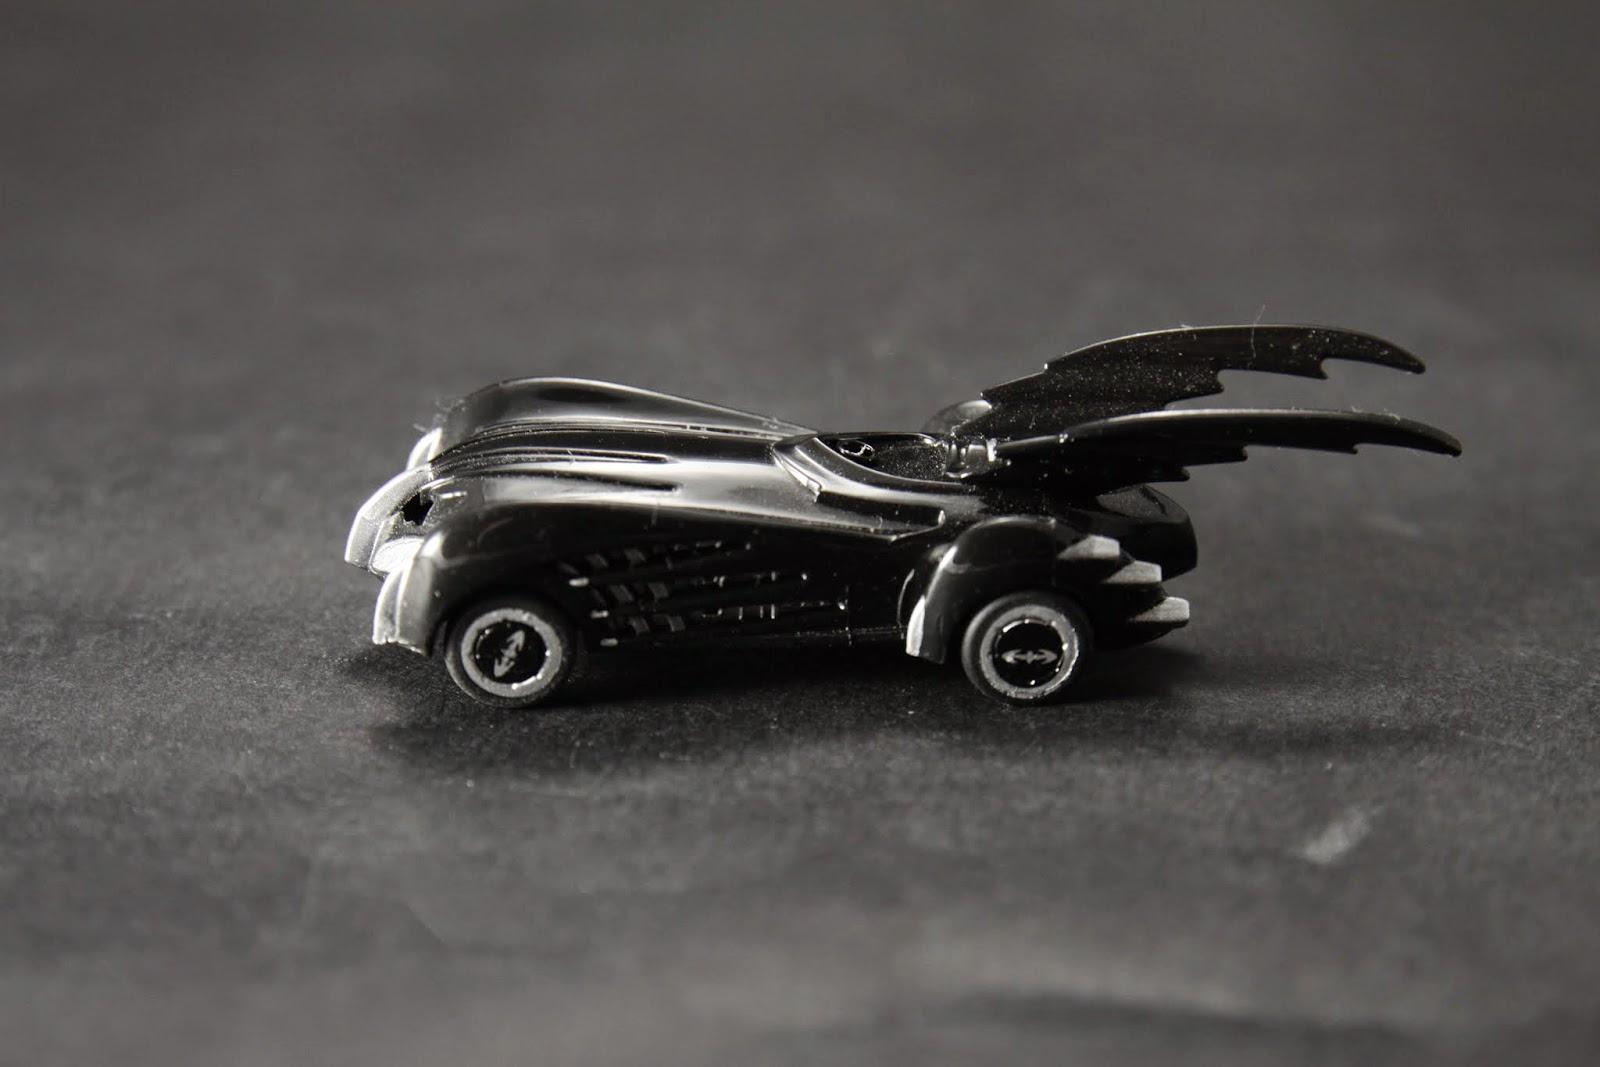 Bat Mobile也是我覺得歷代最醜